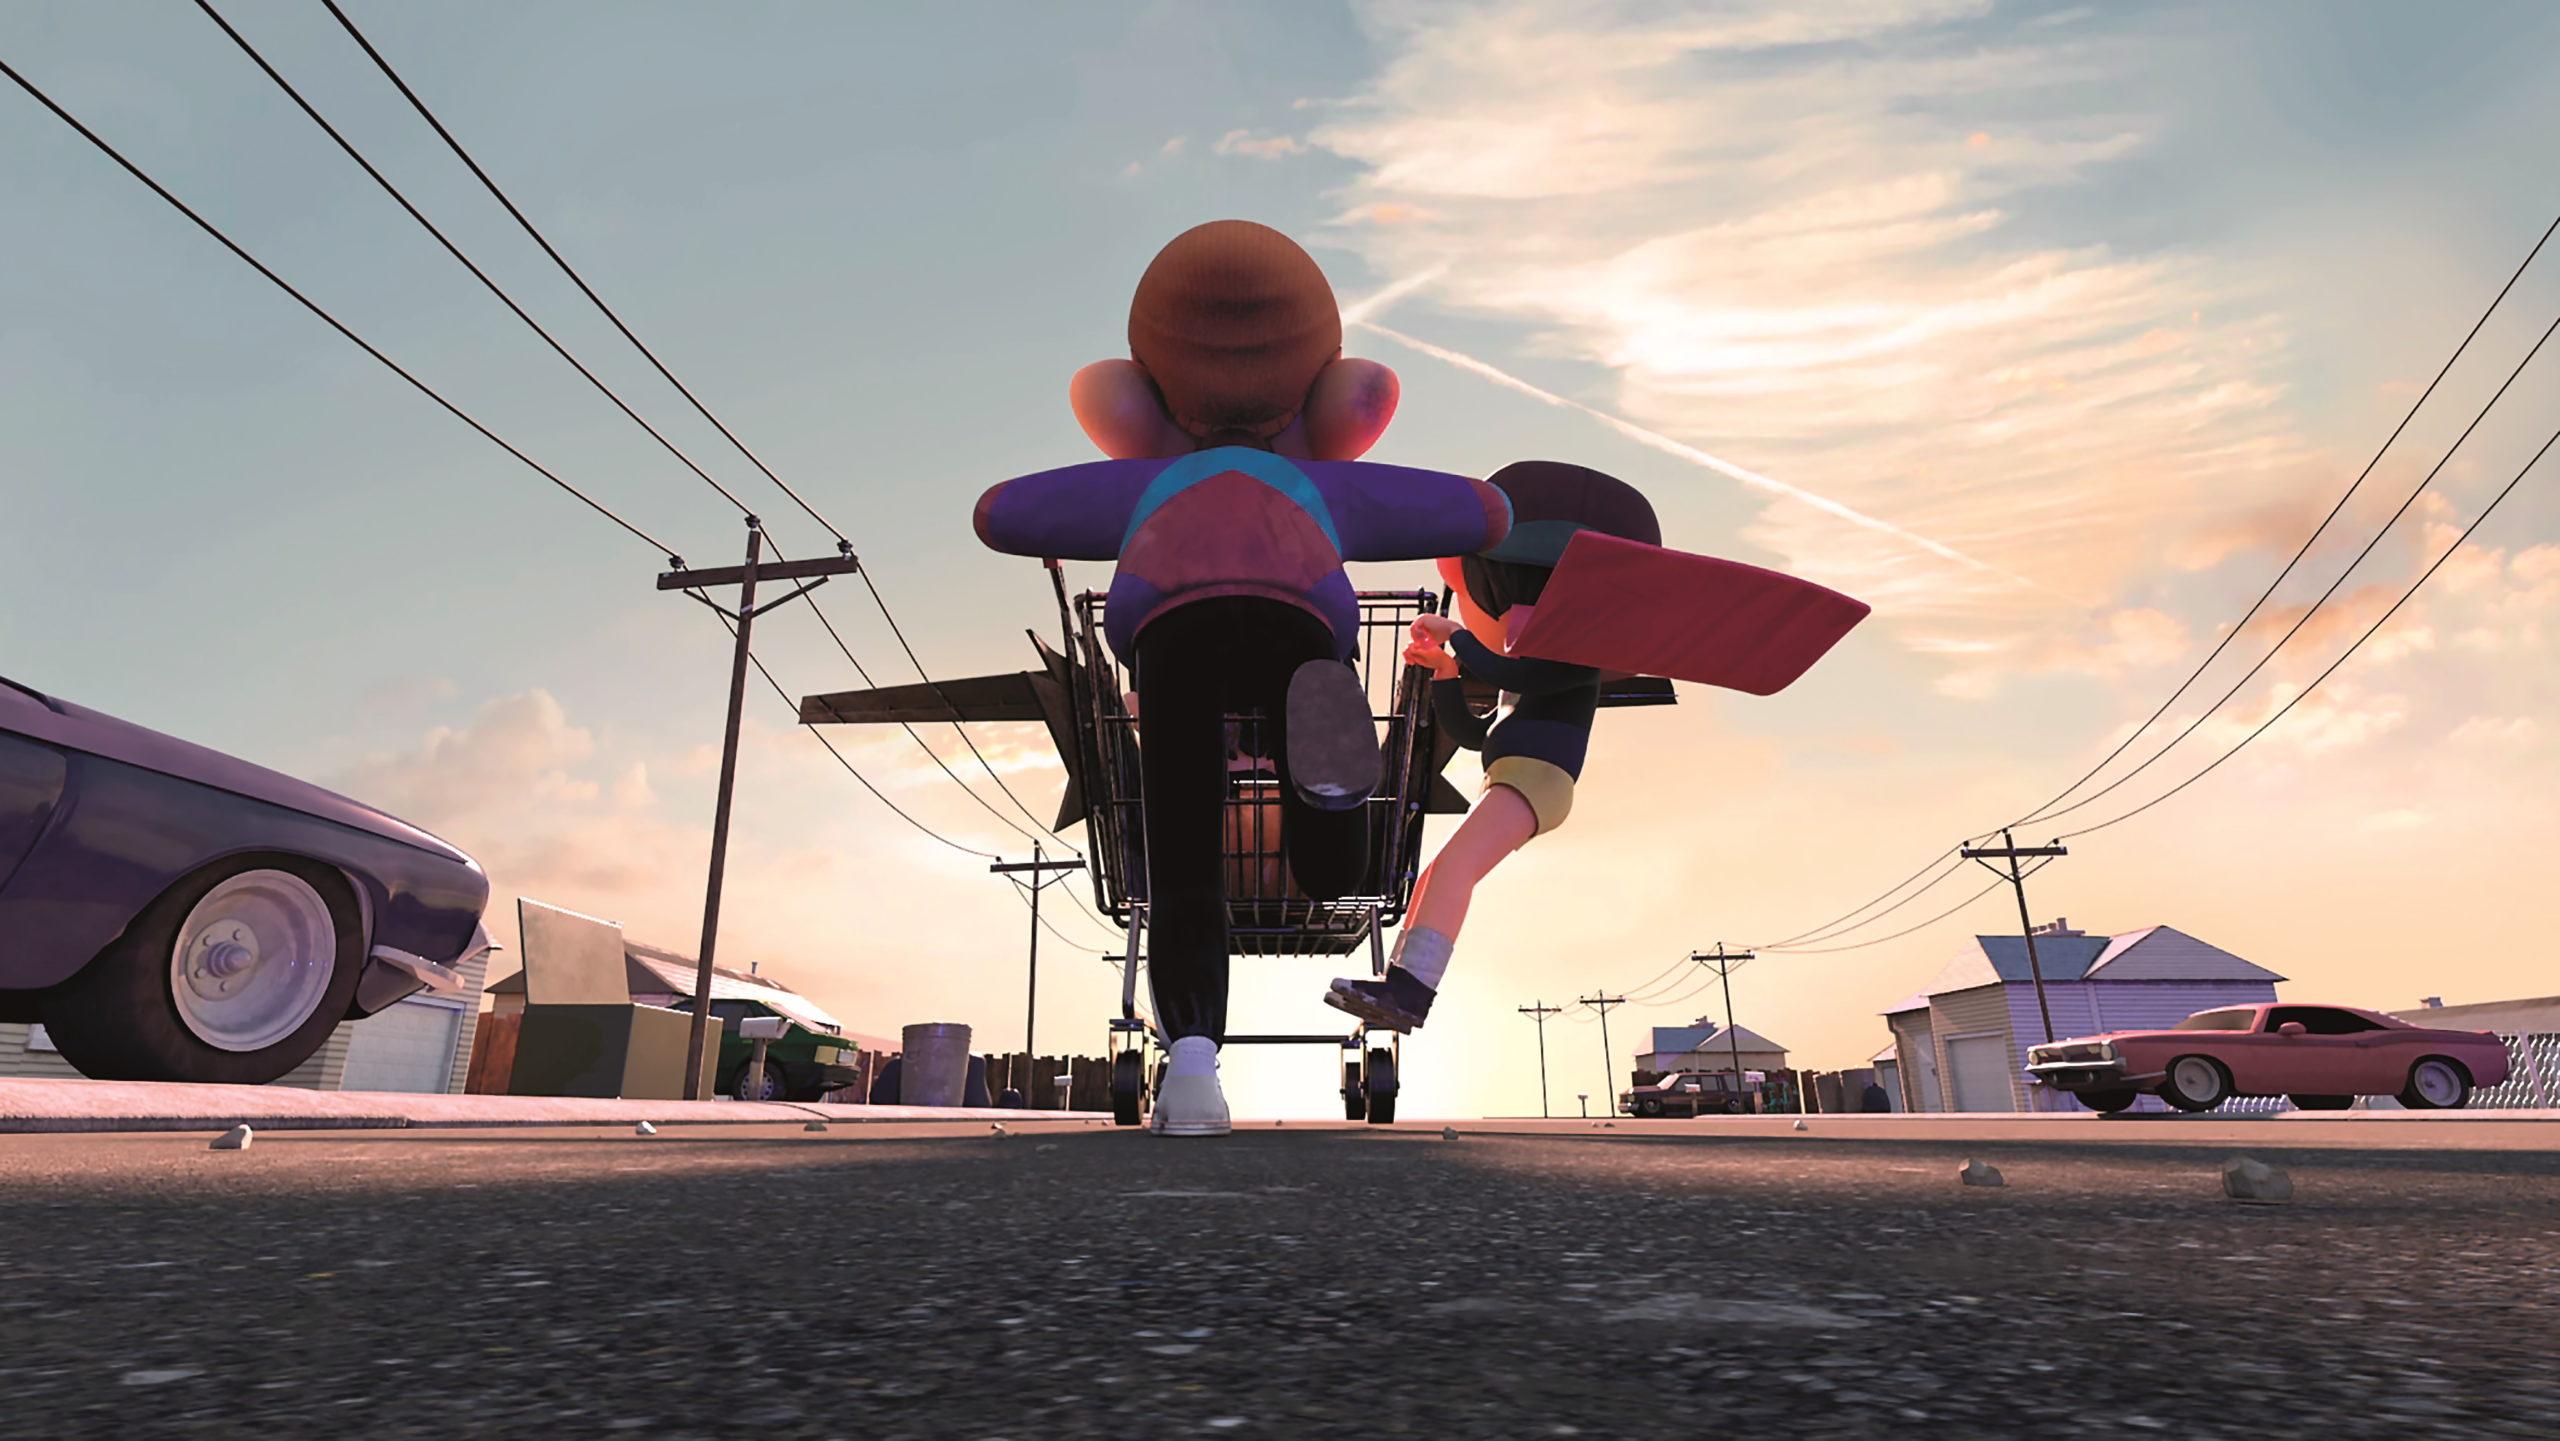 Für die Himmel nahm das Team hochaufgelöste Bilder von Unsplash, die sie für den Film entsprechend anpassten.